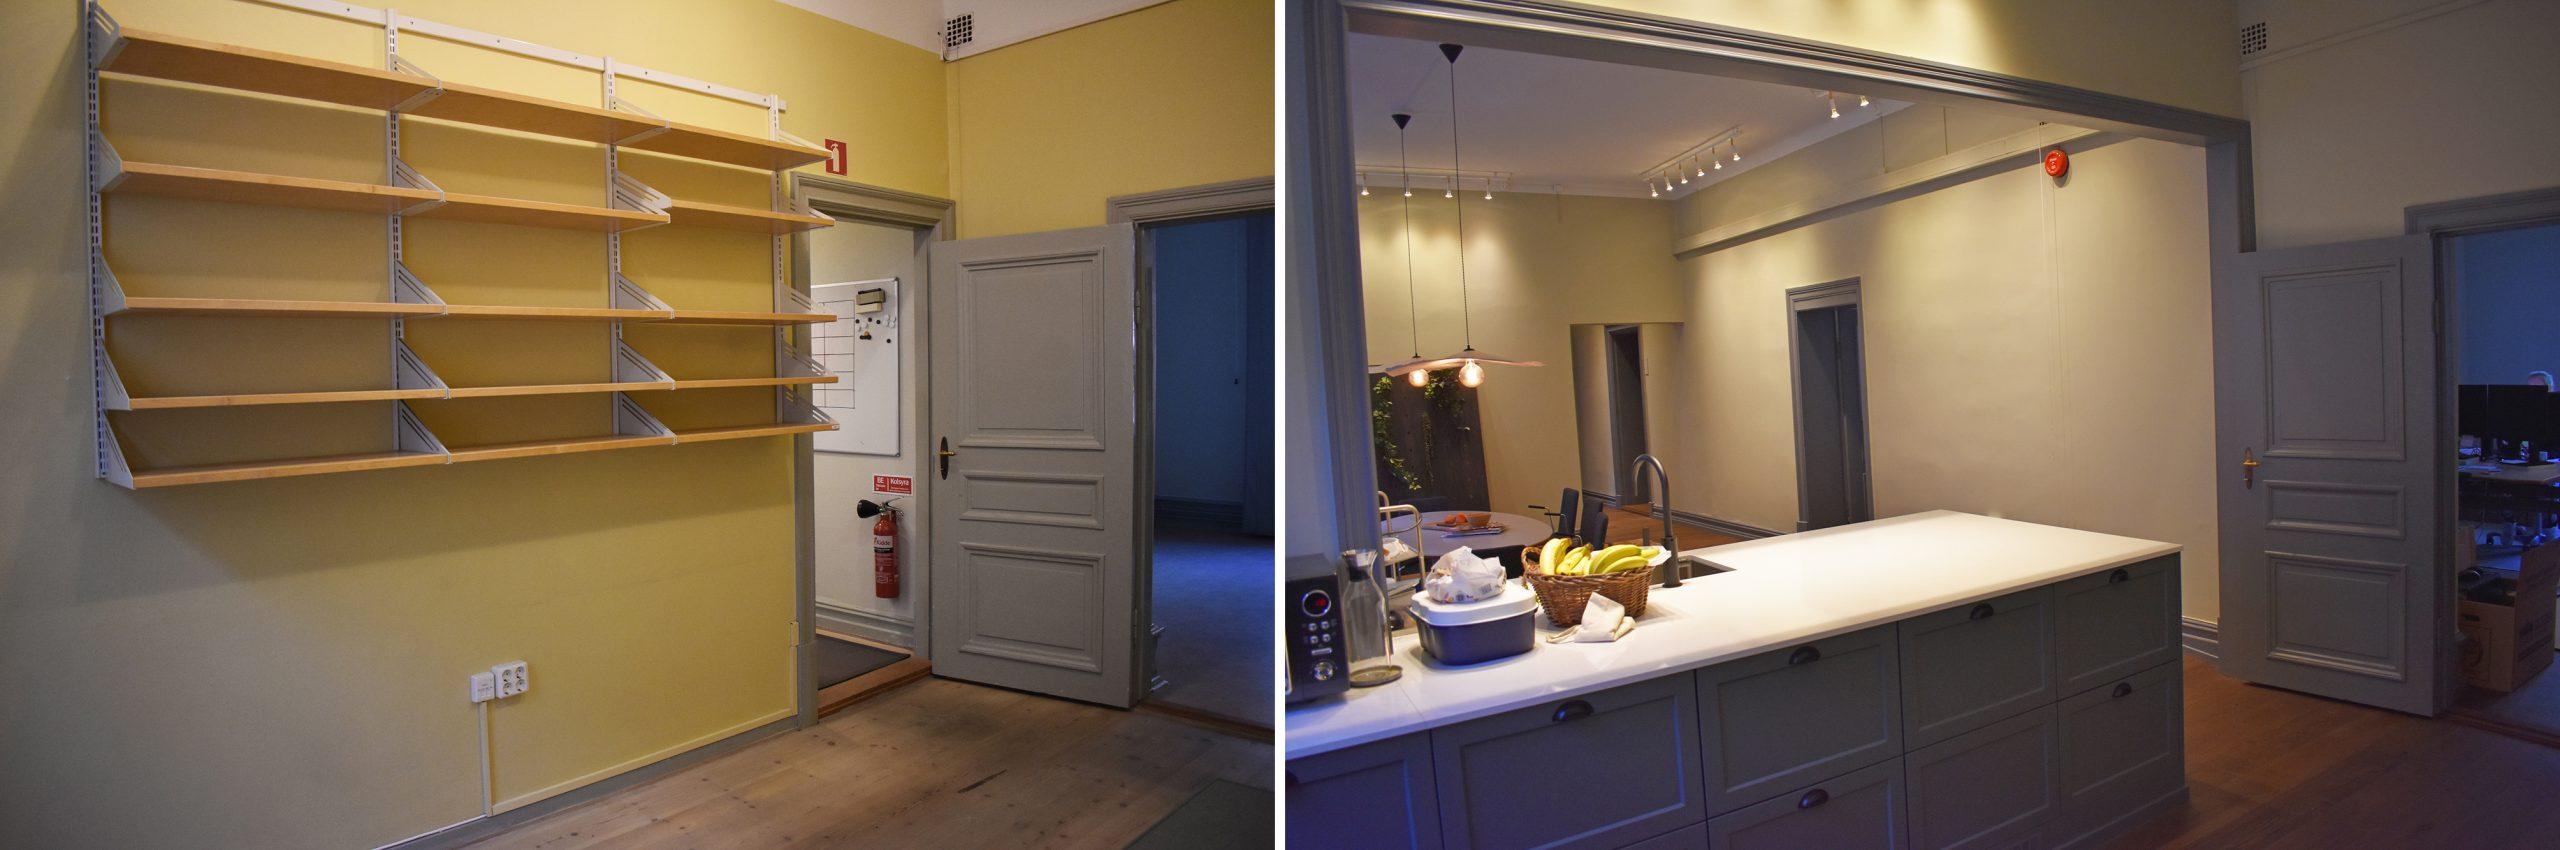 Före- och efterbild. En vägg har tagits ner för att öppna upp och göra plats för ett nytt kök.